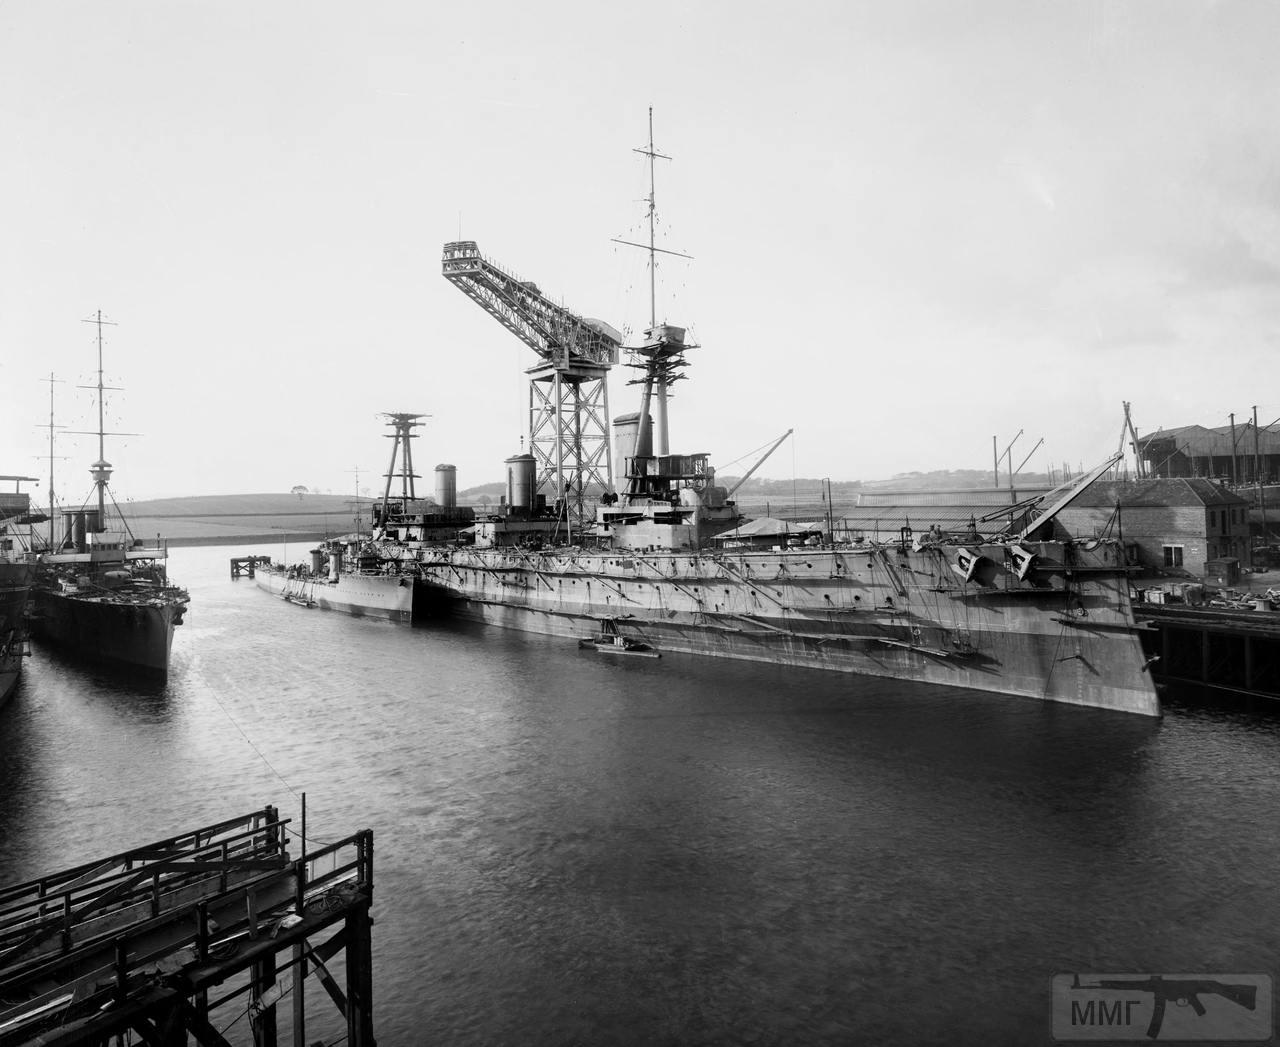 55454 - HMAS Australia